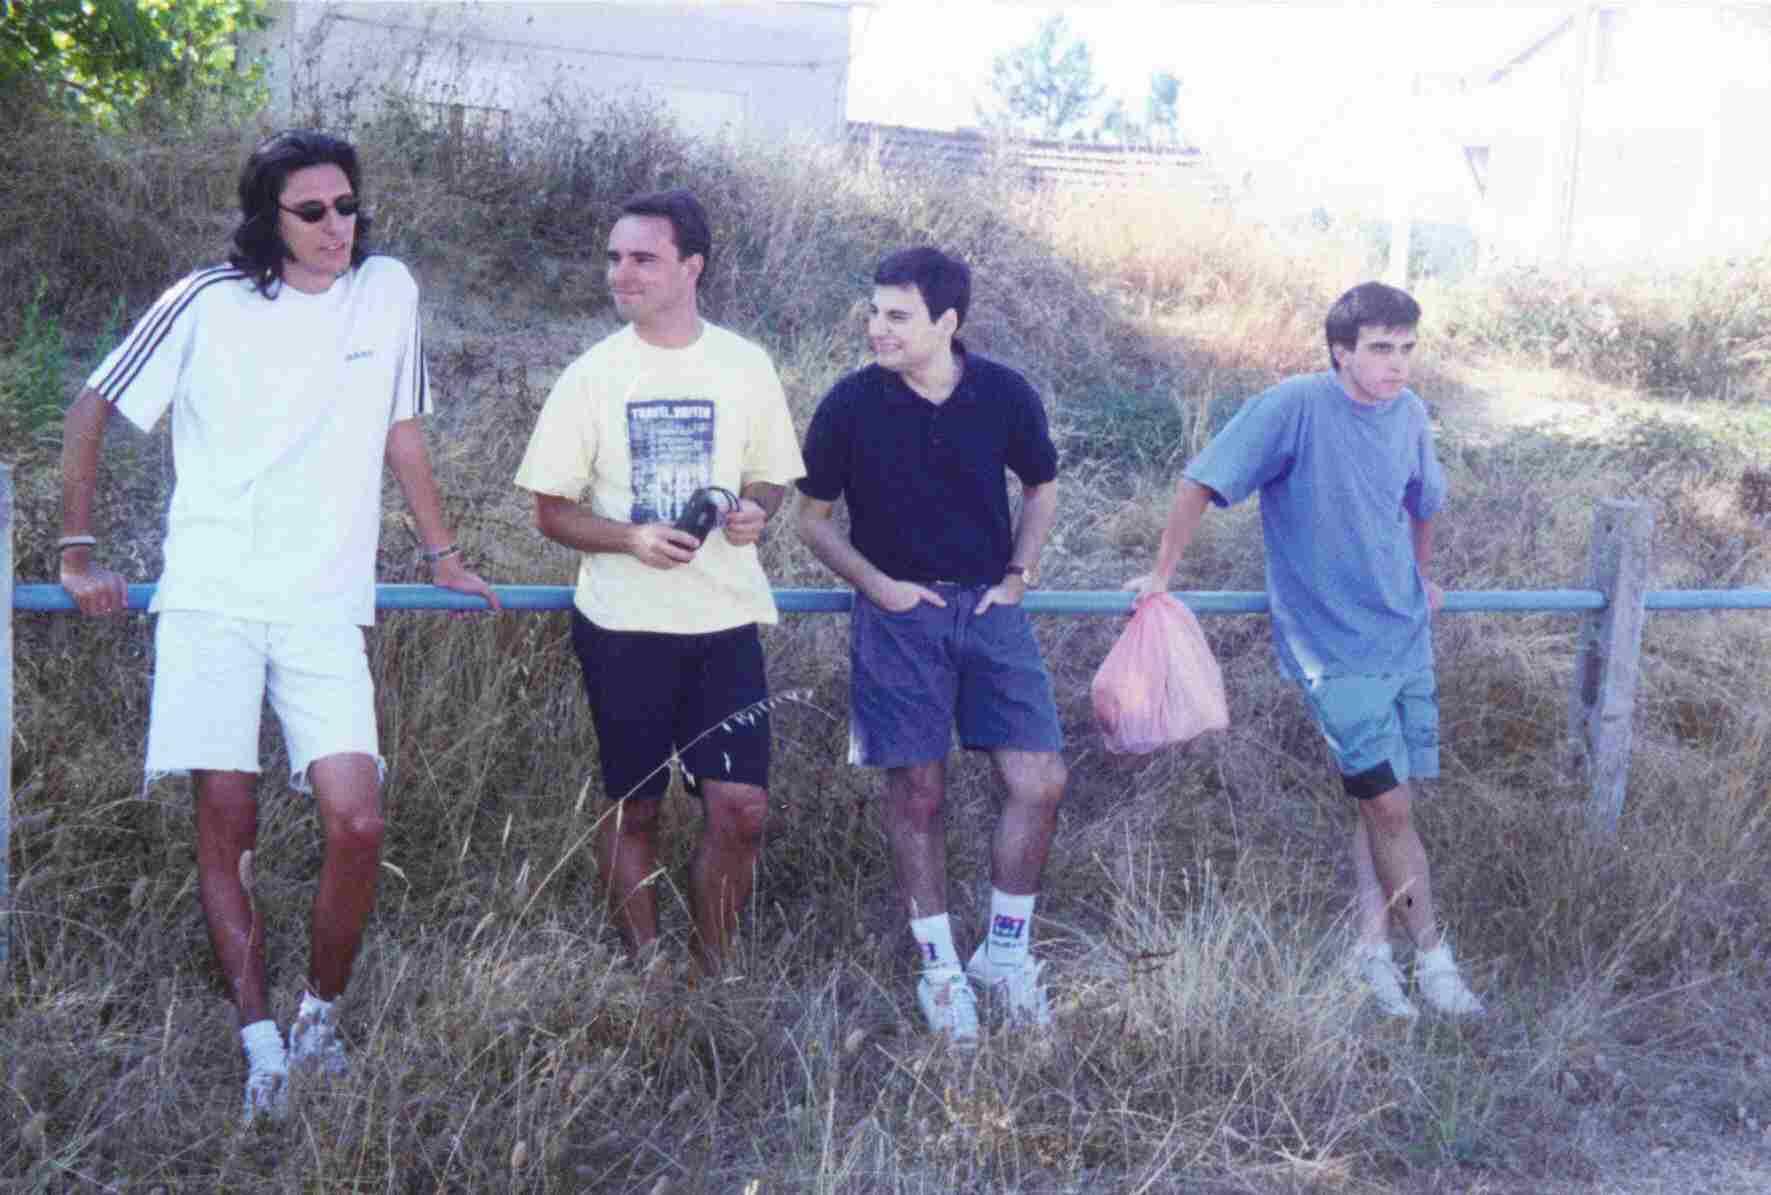 Antes do jogo Solteiros Casados 1996 no Campo da Carriça em Côja